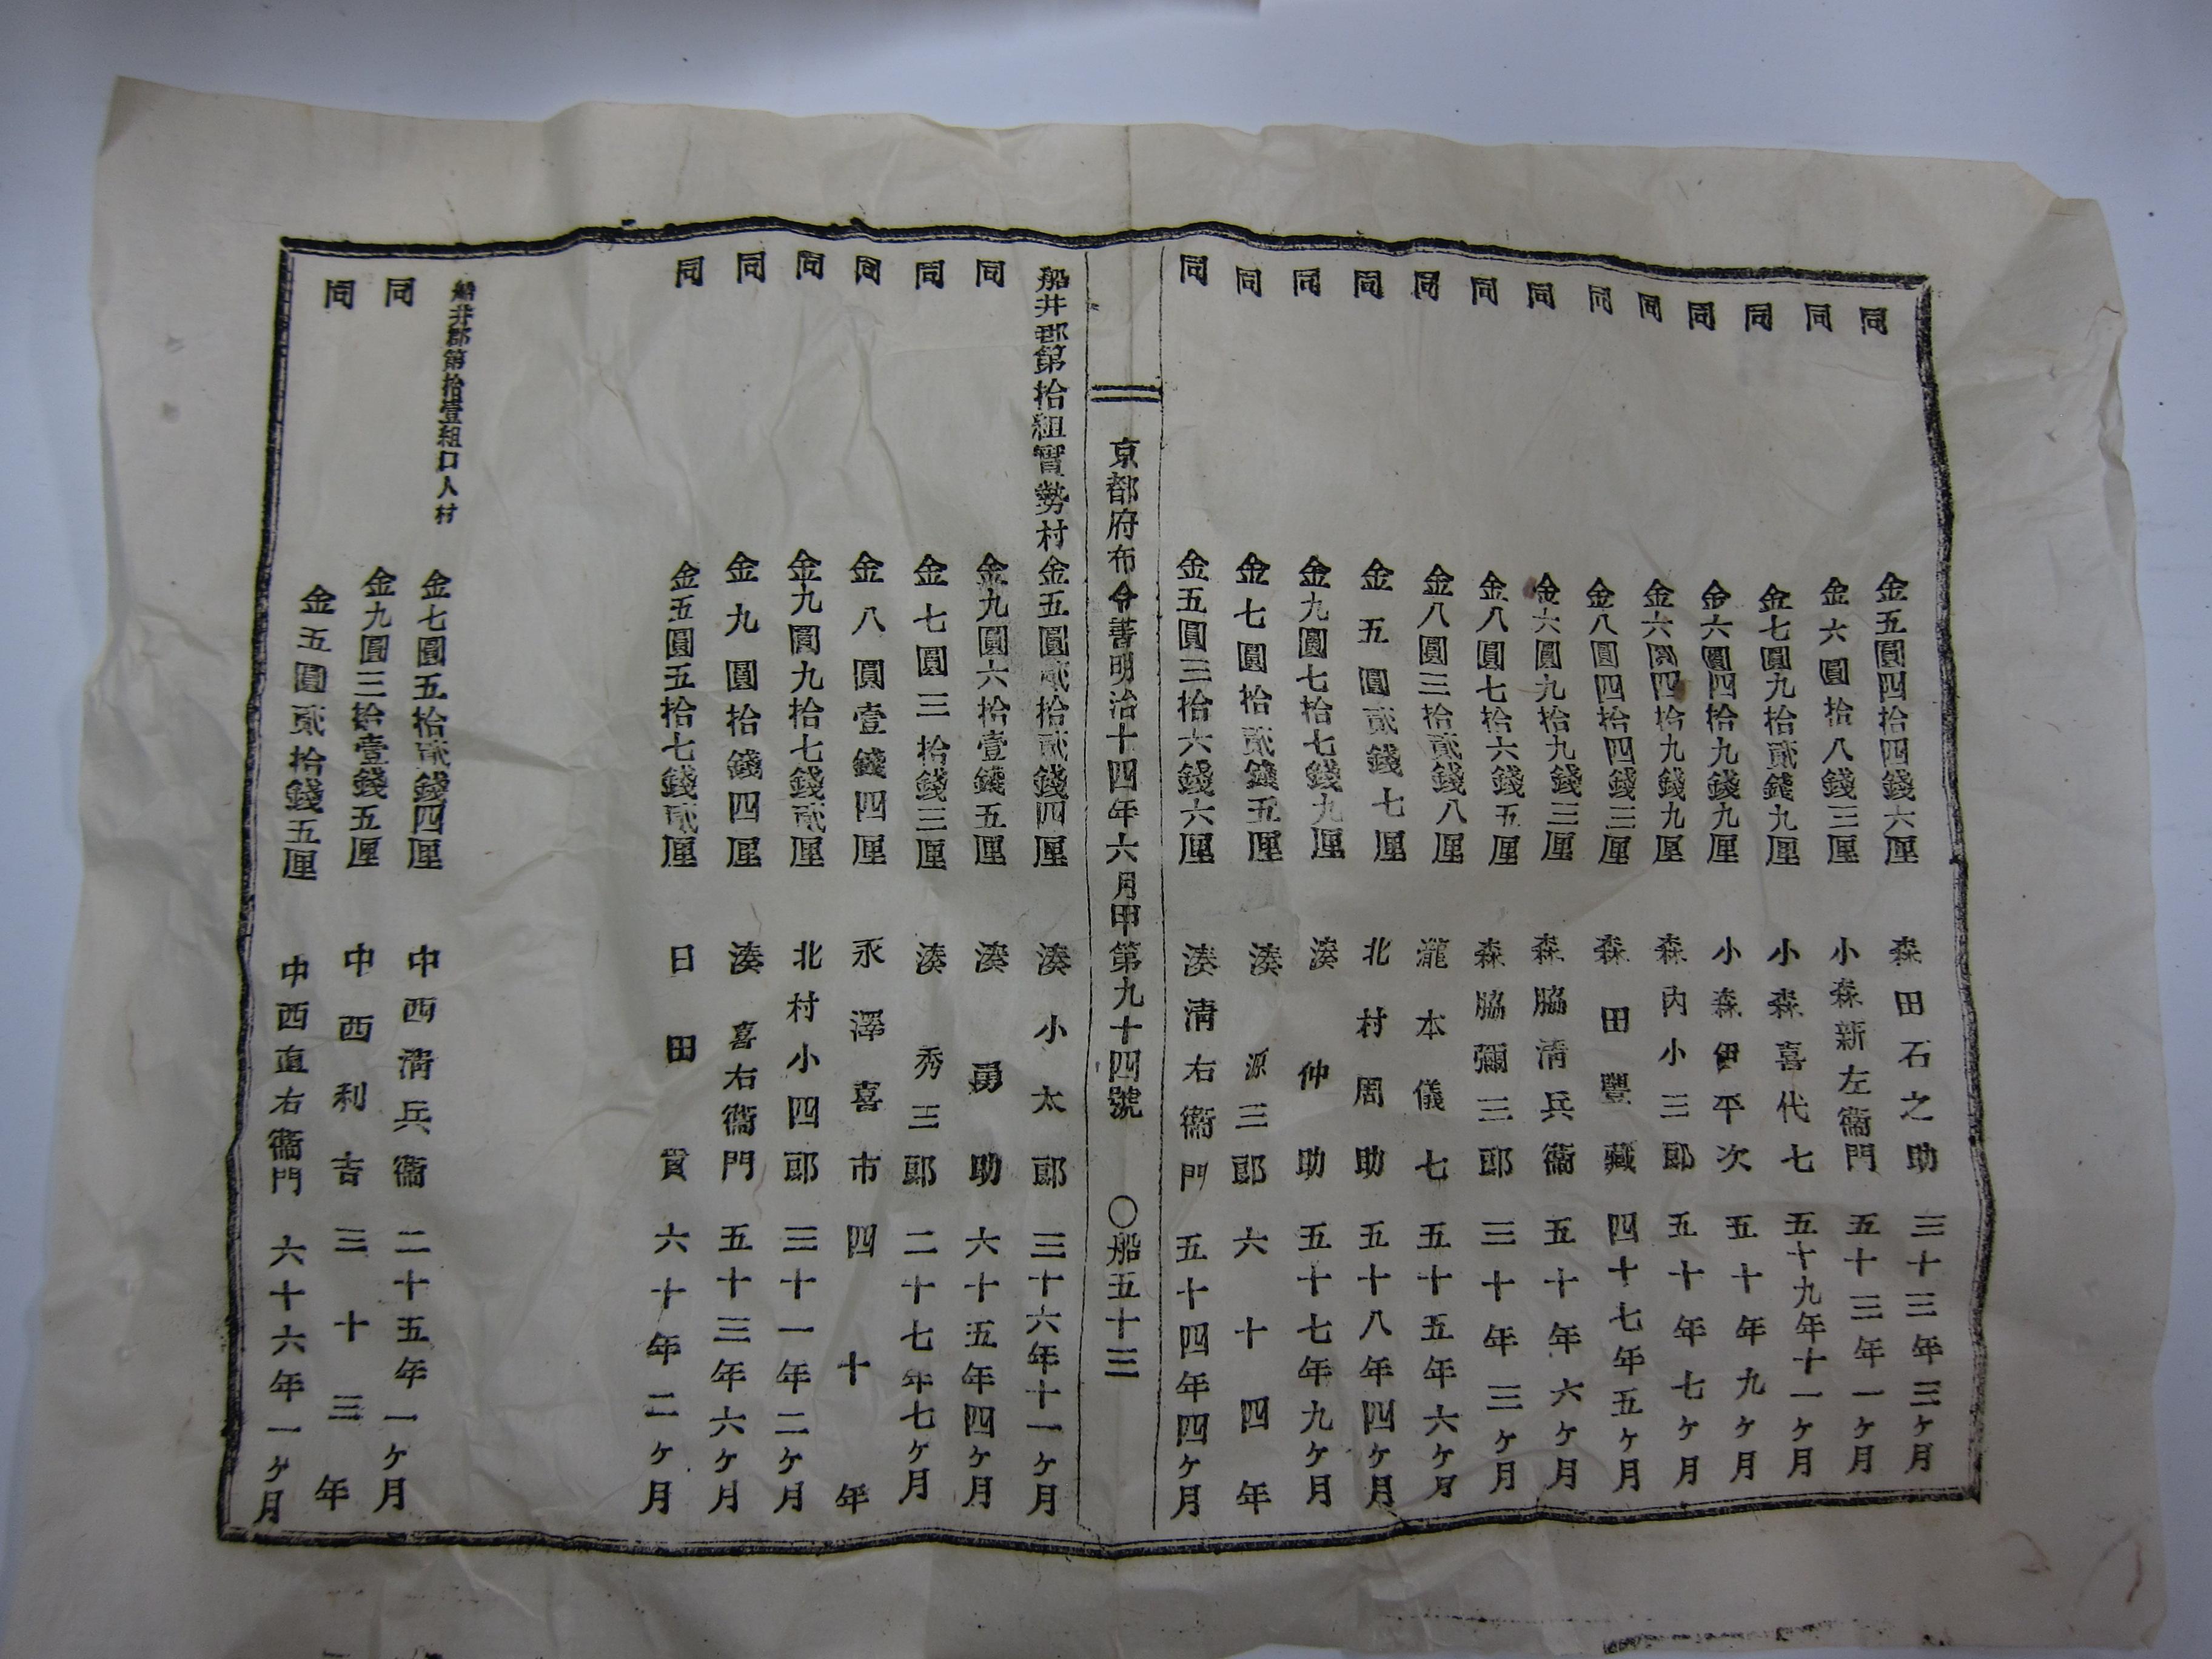 京都府布令書明治14年6月甲第94号 船53